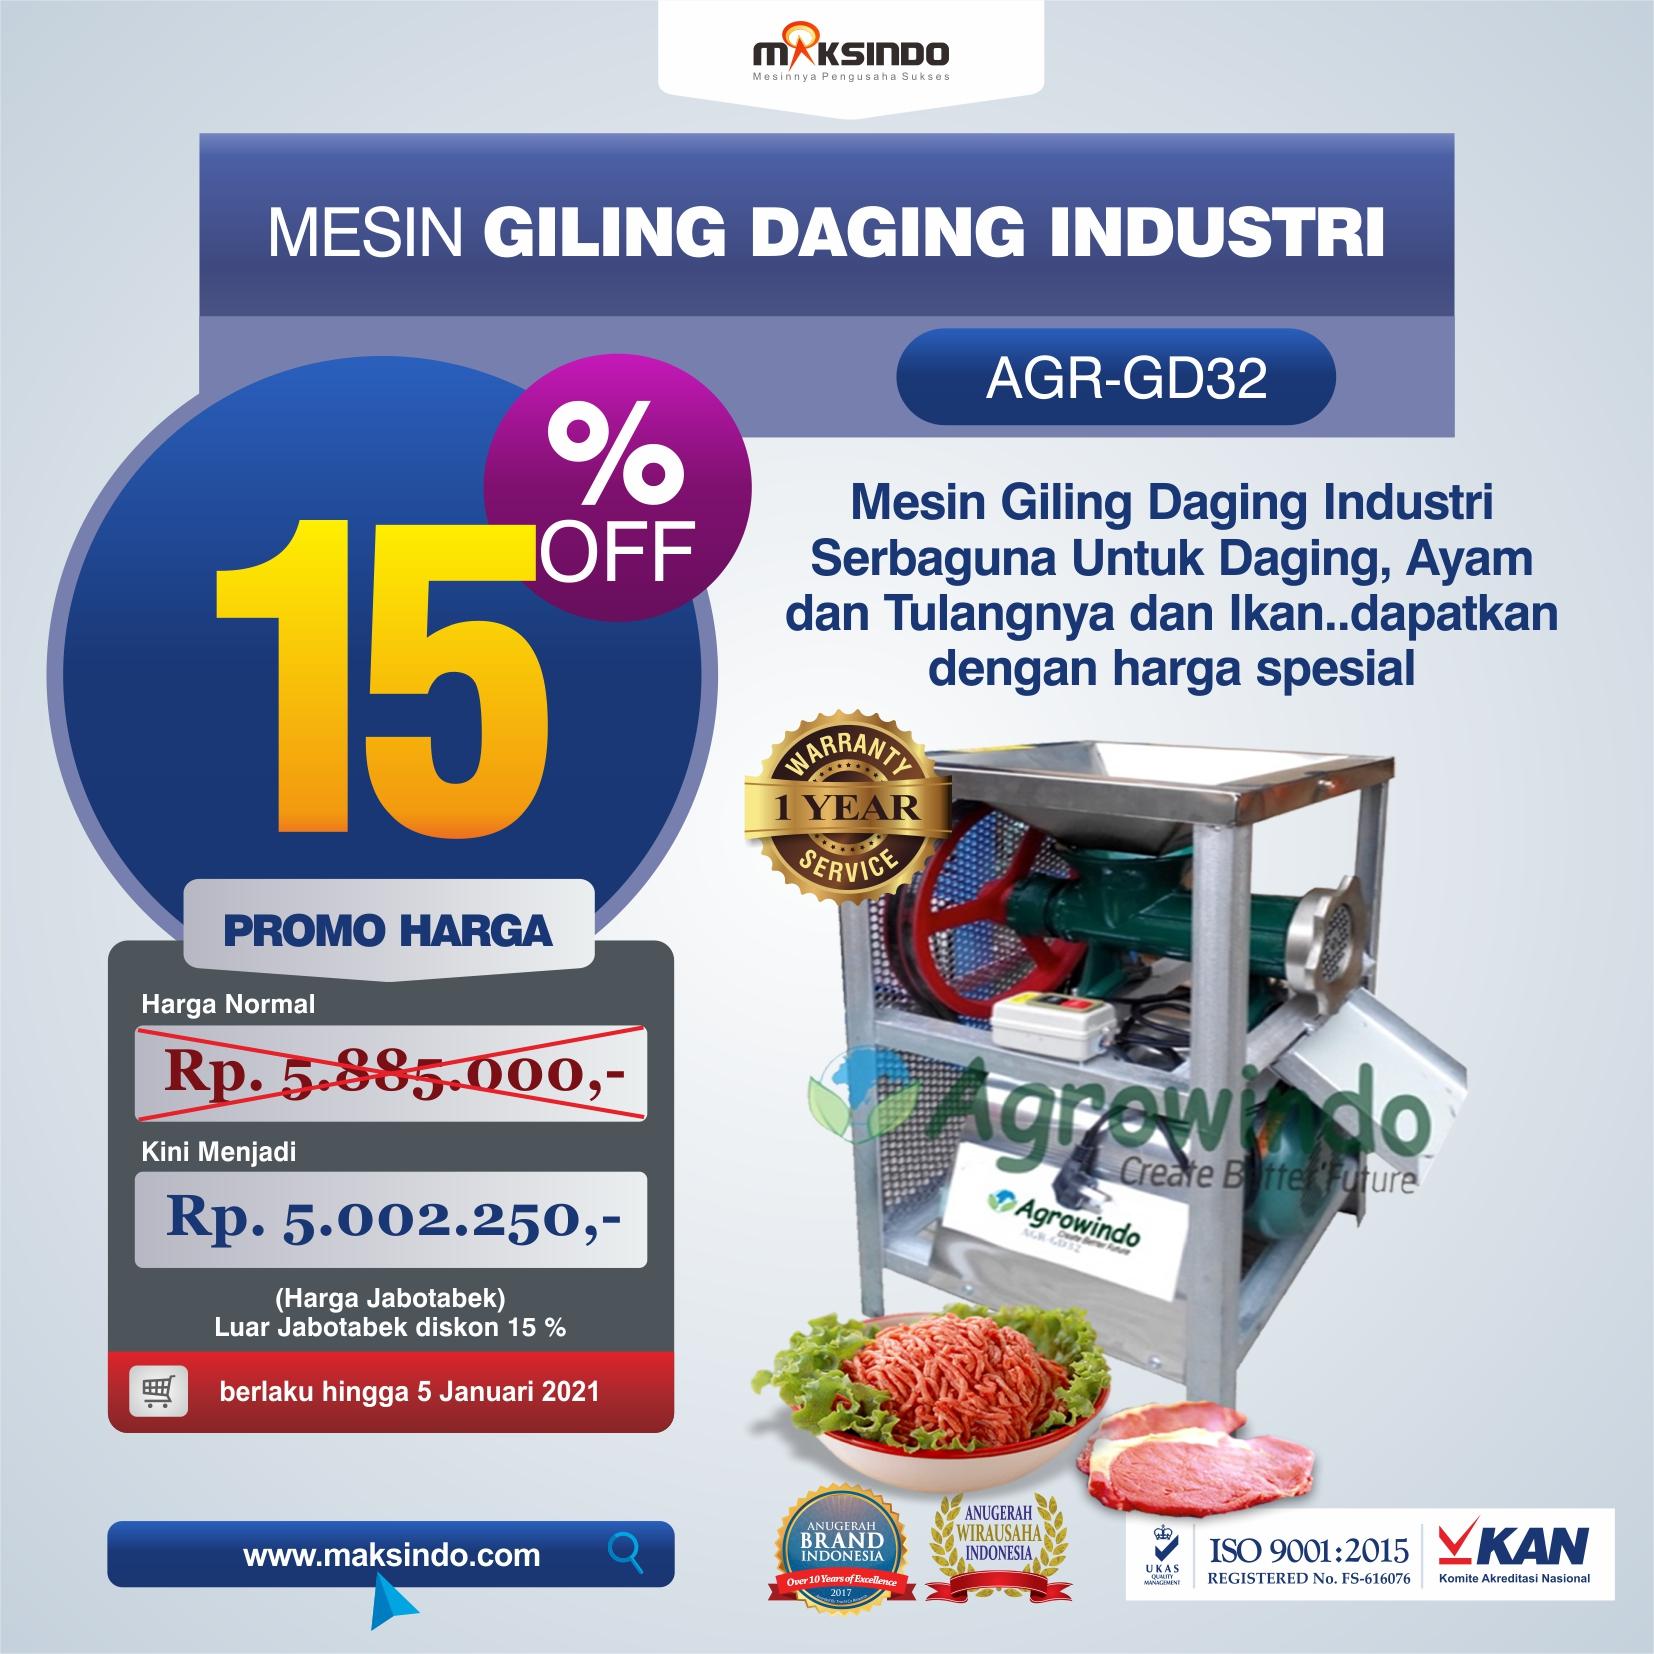 Jual Mesin Giling Daging Industri (AGR-GD32) di Semarang